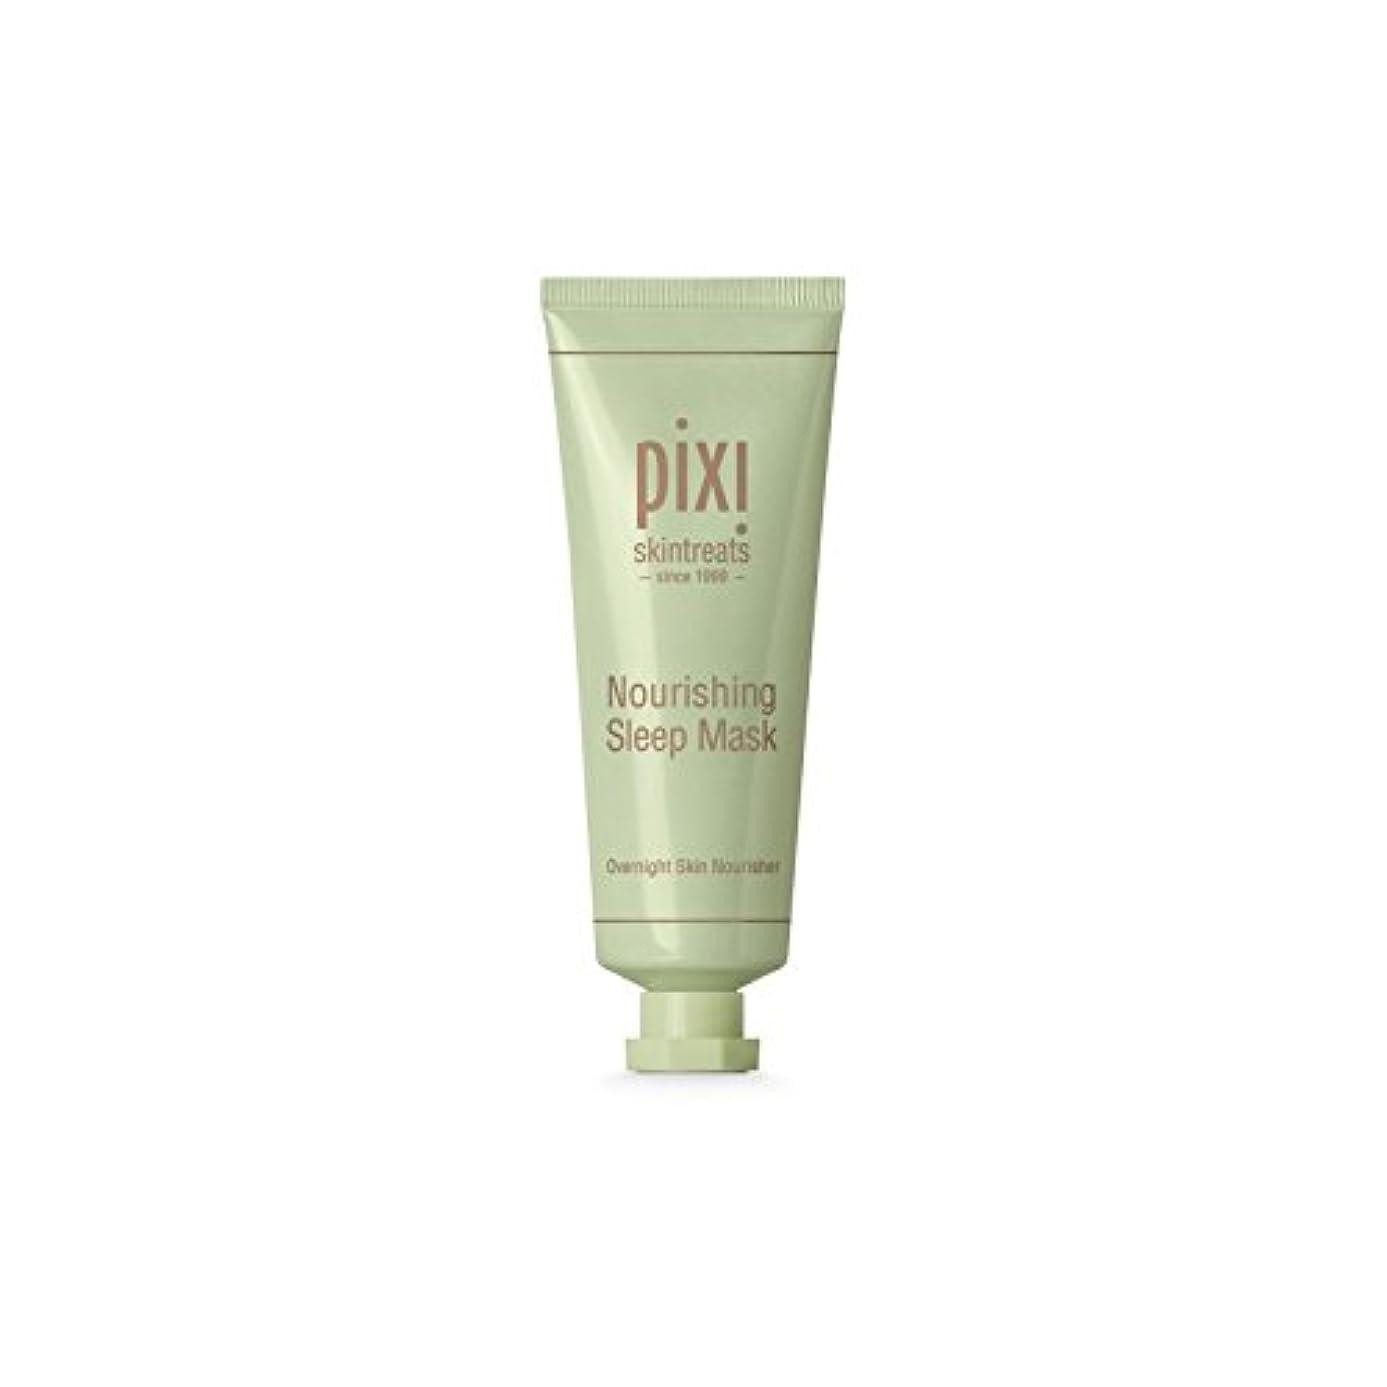 大きい消毒する分岐する栄養スリープマスク x4 - Pixi Nourishing Sleep Mask (Pack of 4) [並行輸入品]